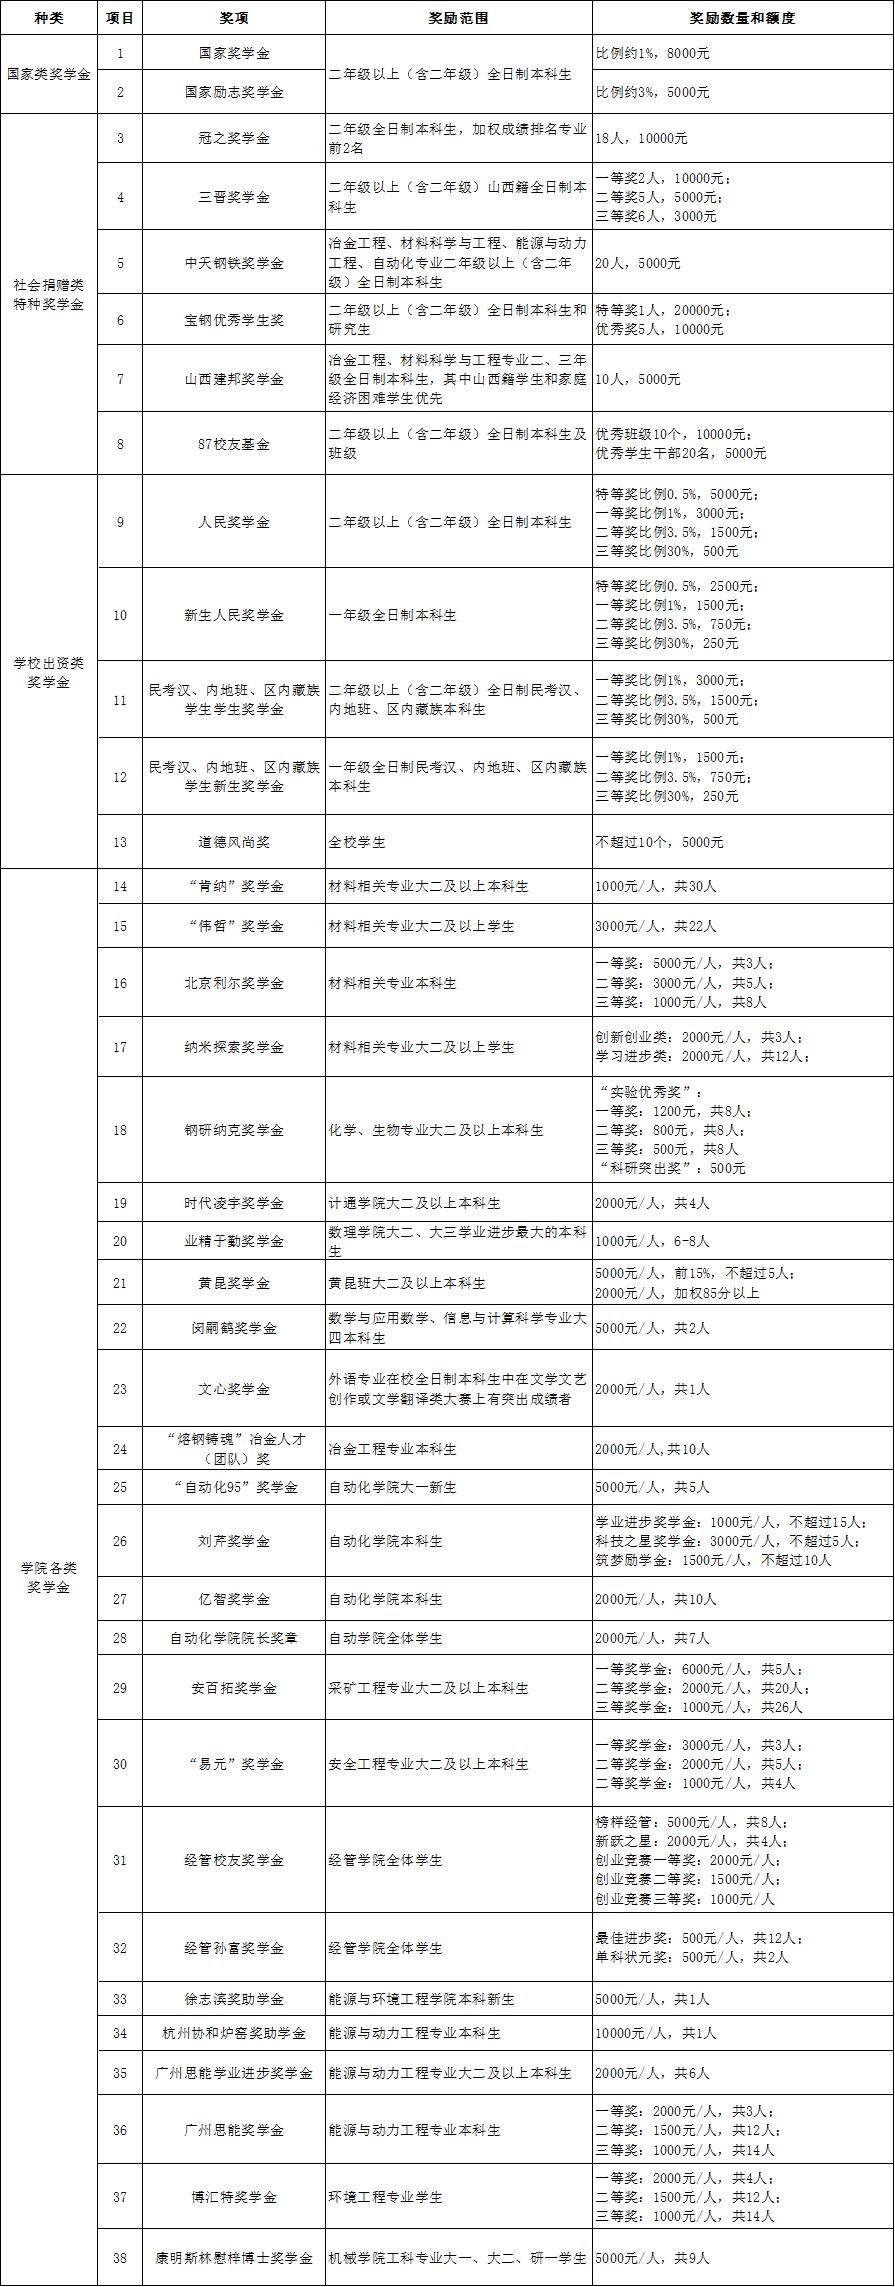 北京科技大学奖学金有哪些-多少钱-如何申请-怎么评定?